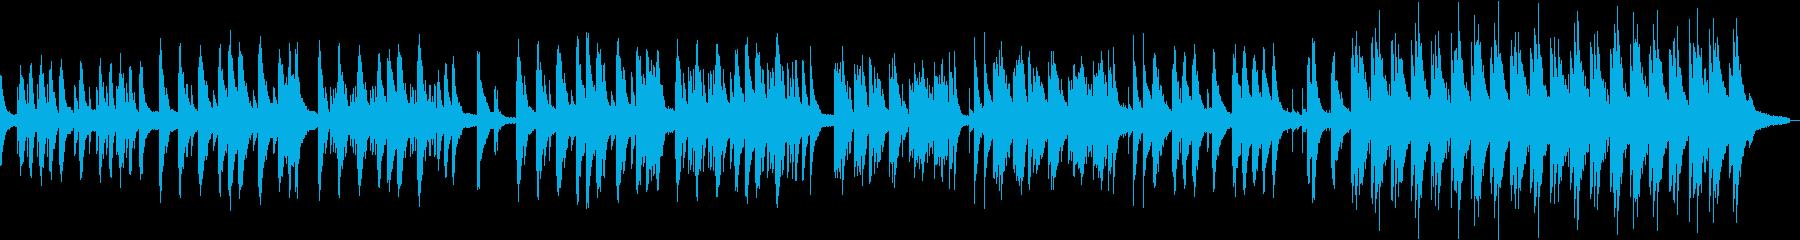 ピアノソロの切ないバラードのBGMの再生済みの波形